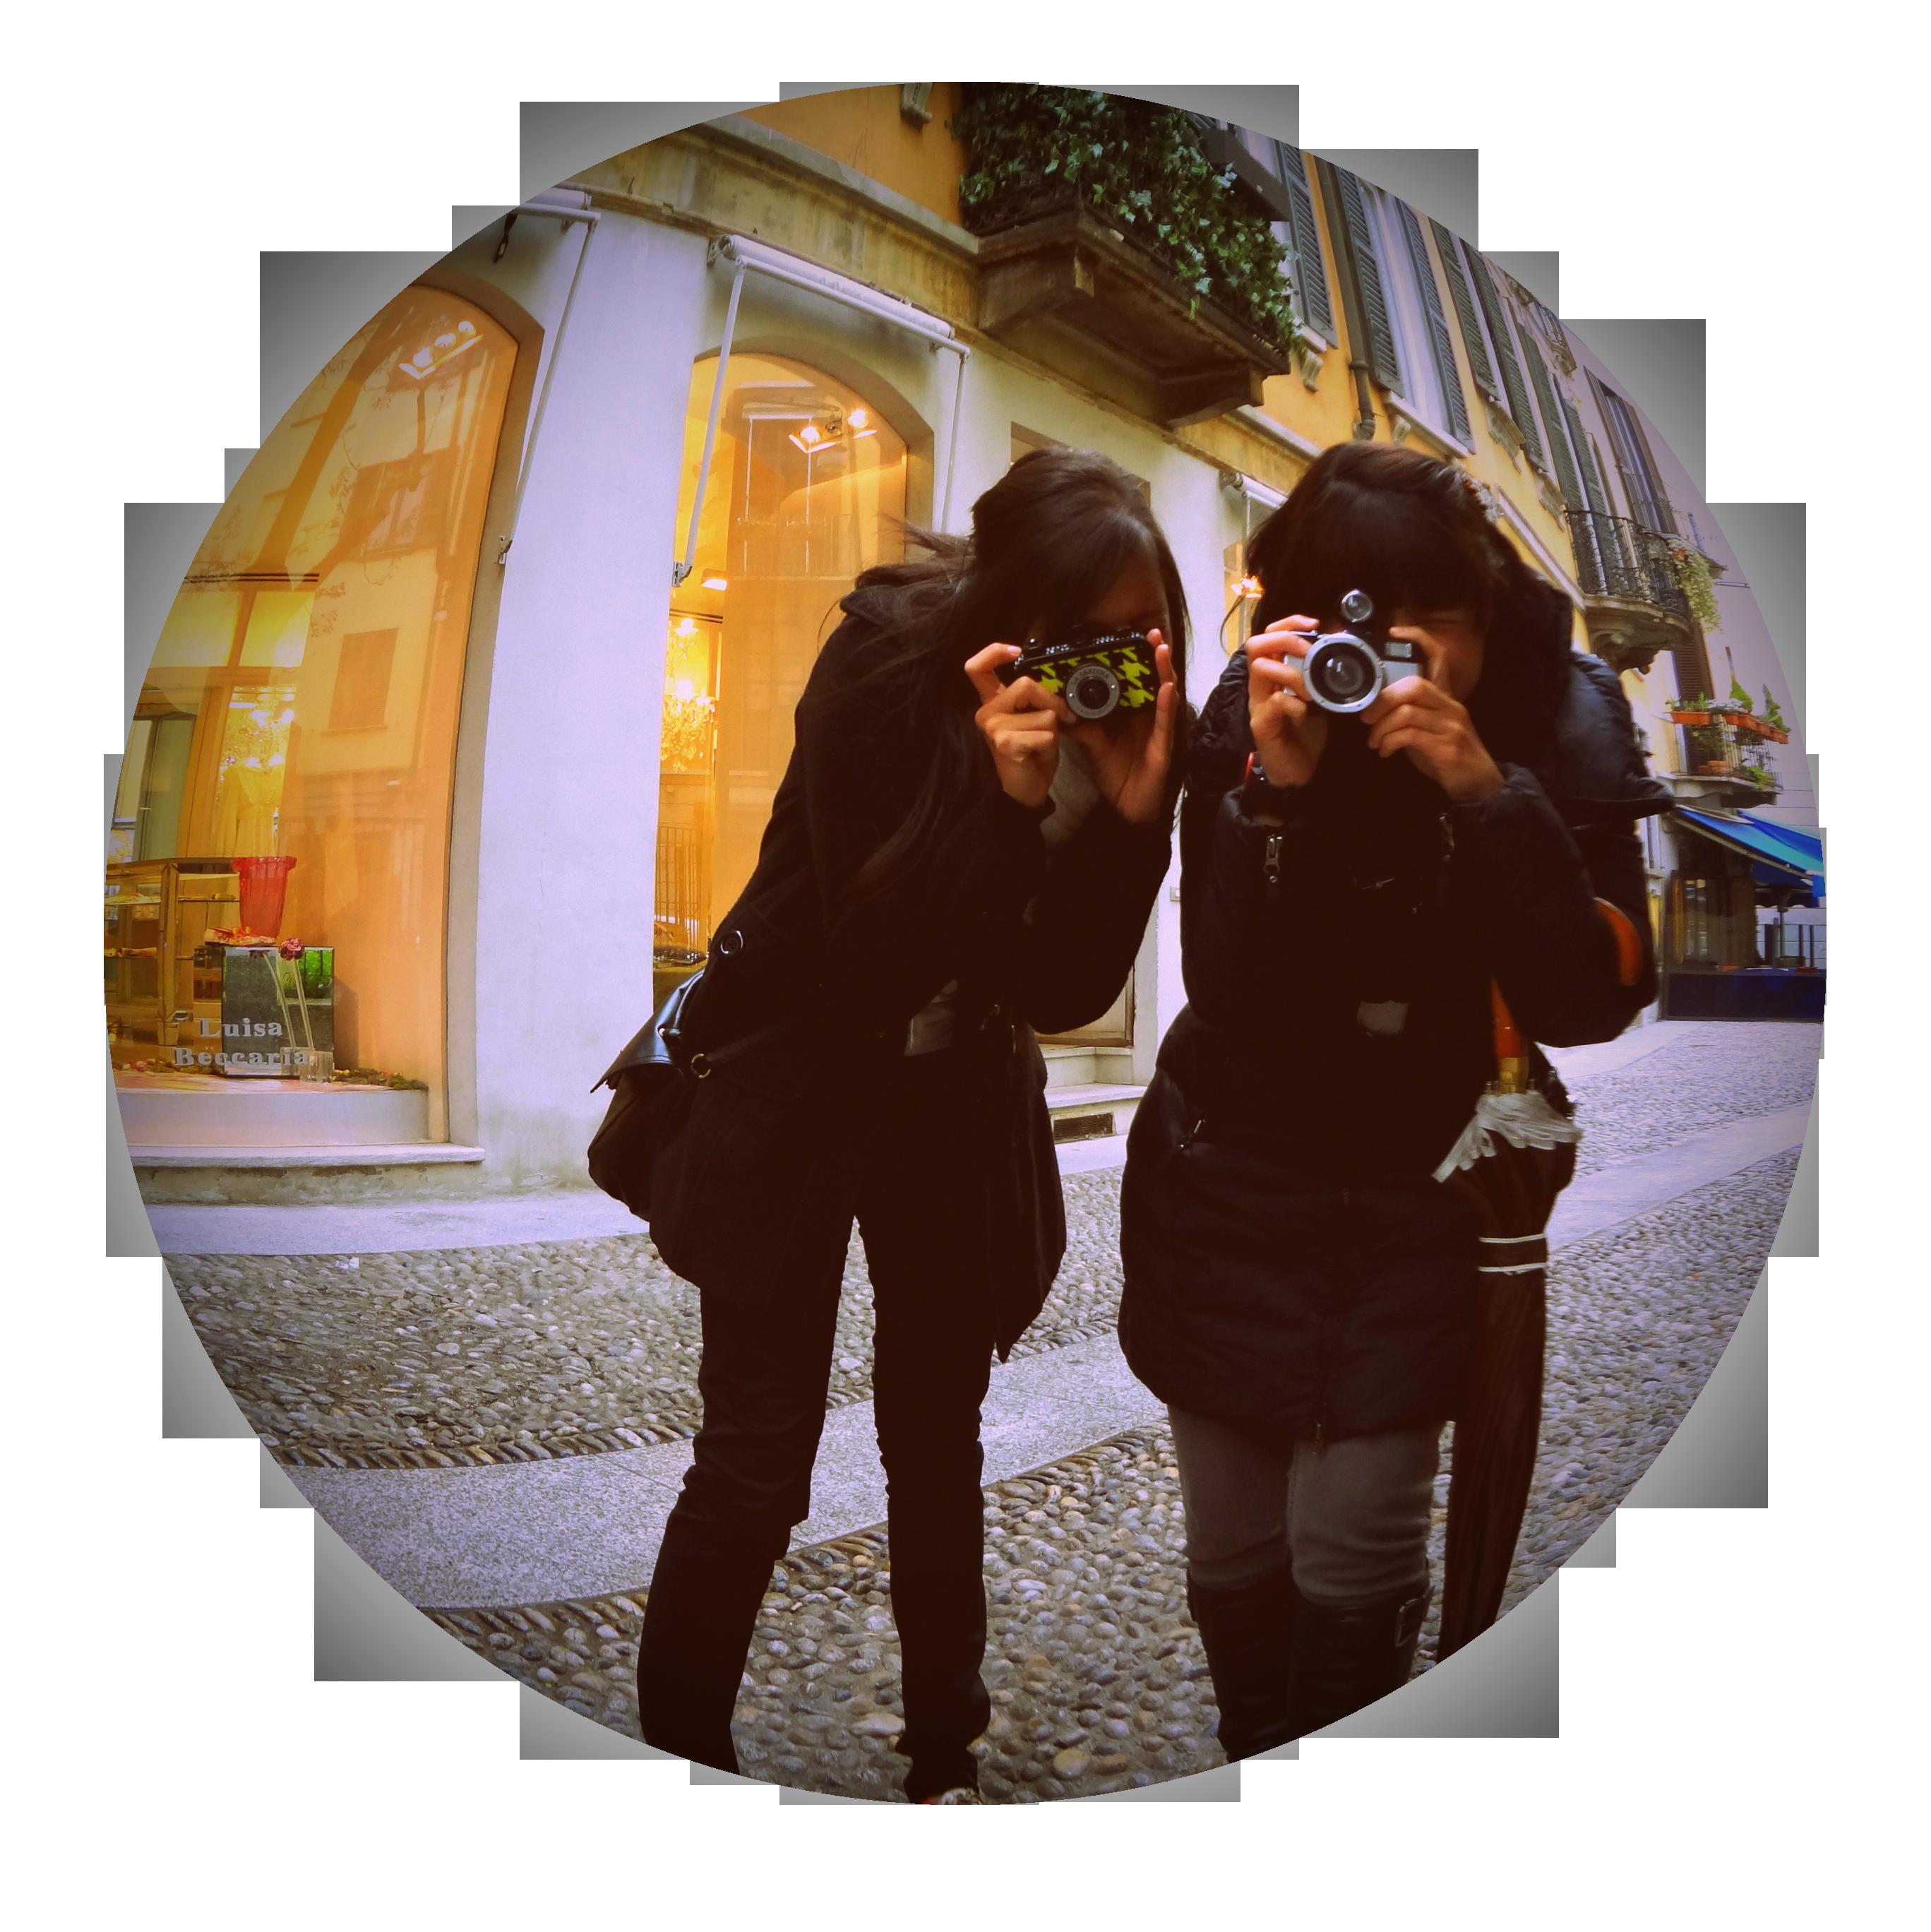 Somos Lina y Camila, queremos compartir con ustedes nuestra pasión por el diseño. Contáctanos: thefisheyeblog@gmail.com